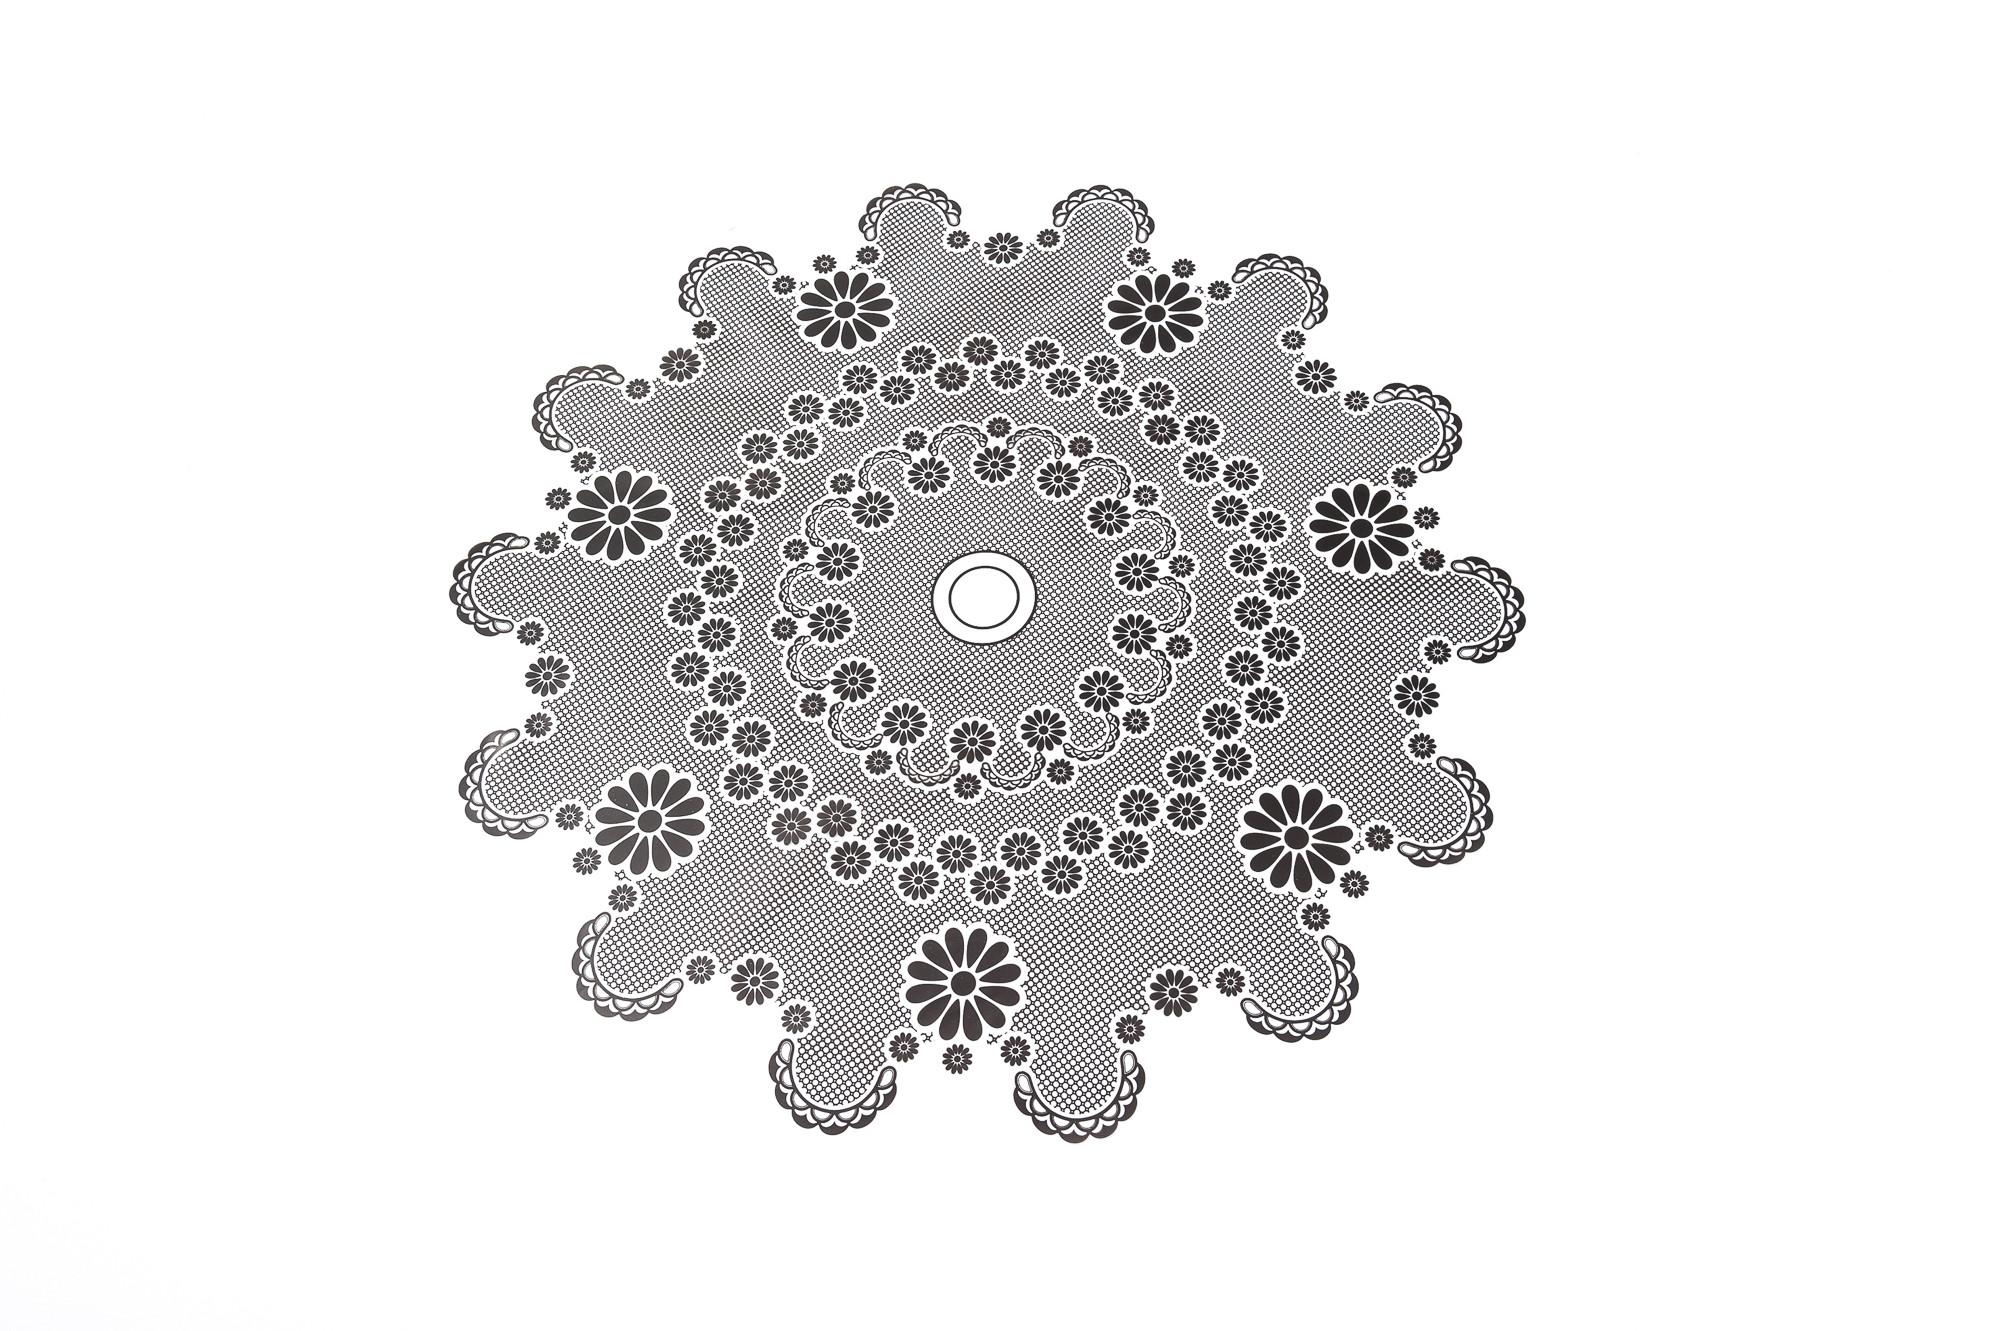 Celofánová manžeta, vzor krajka, 40 cm